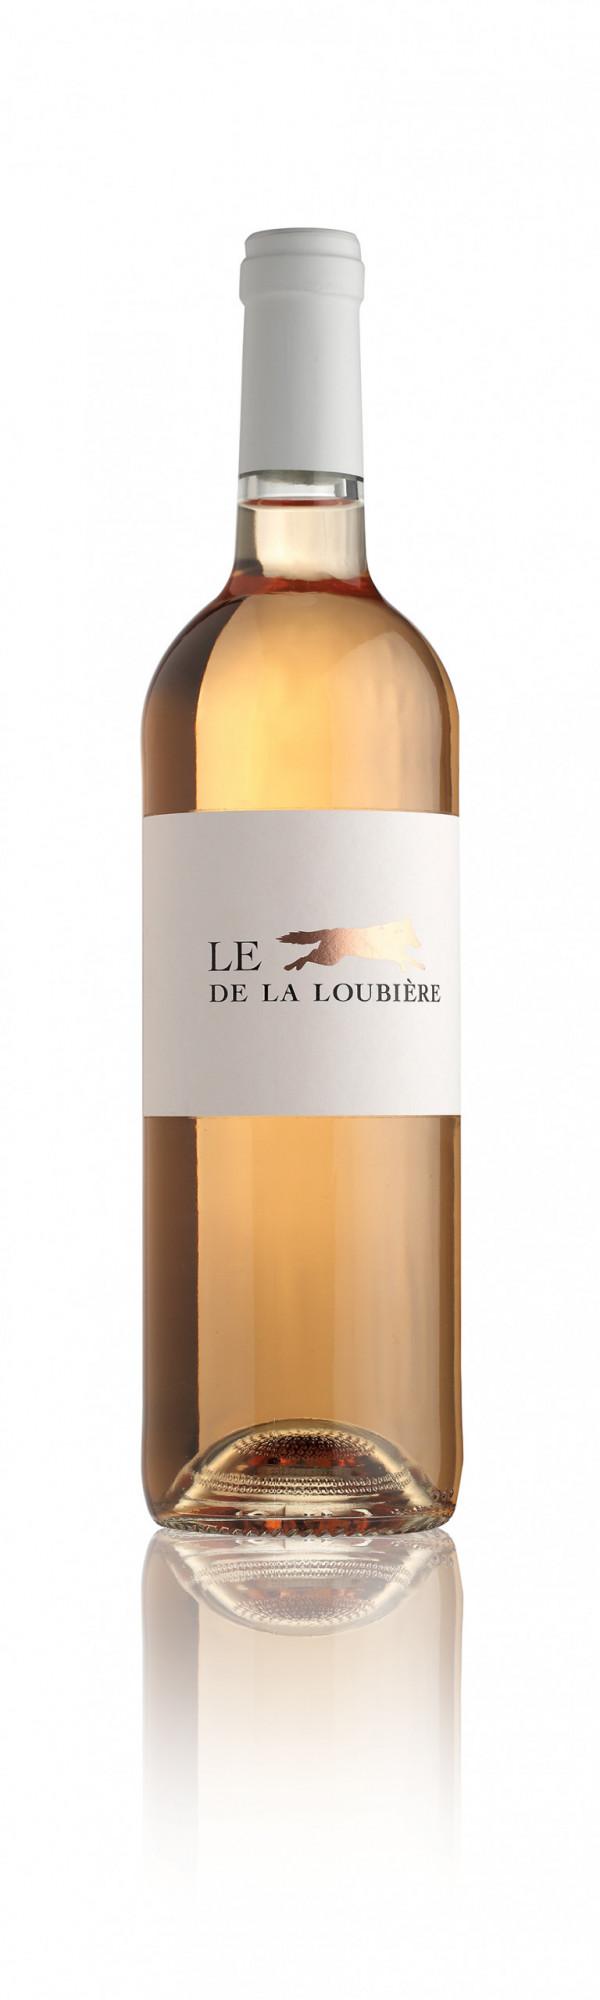 La Loubière